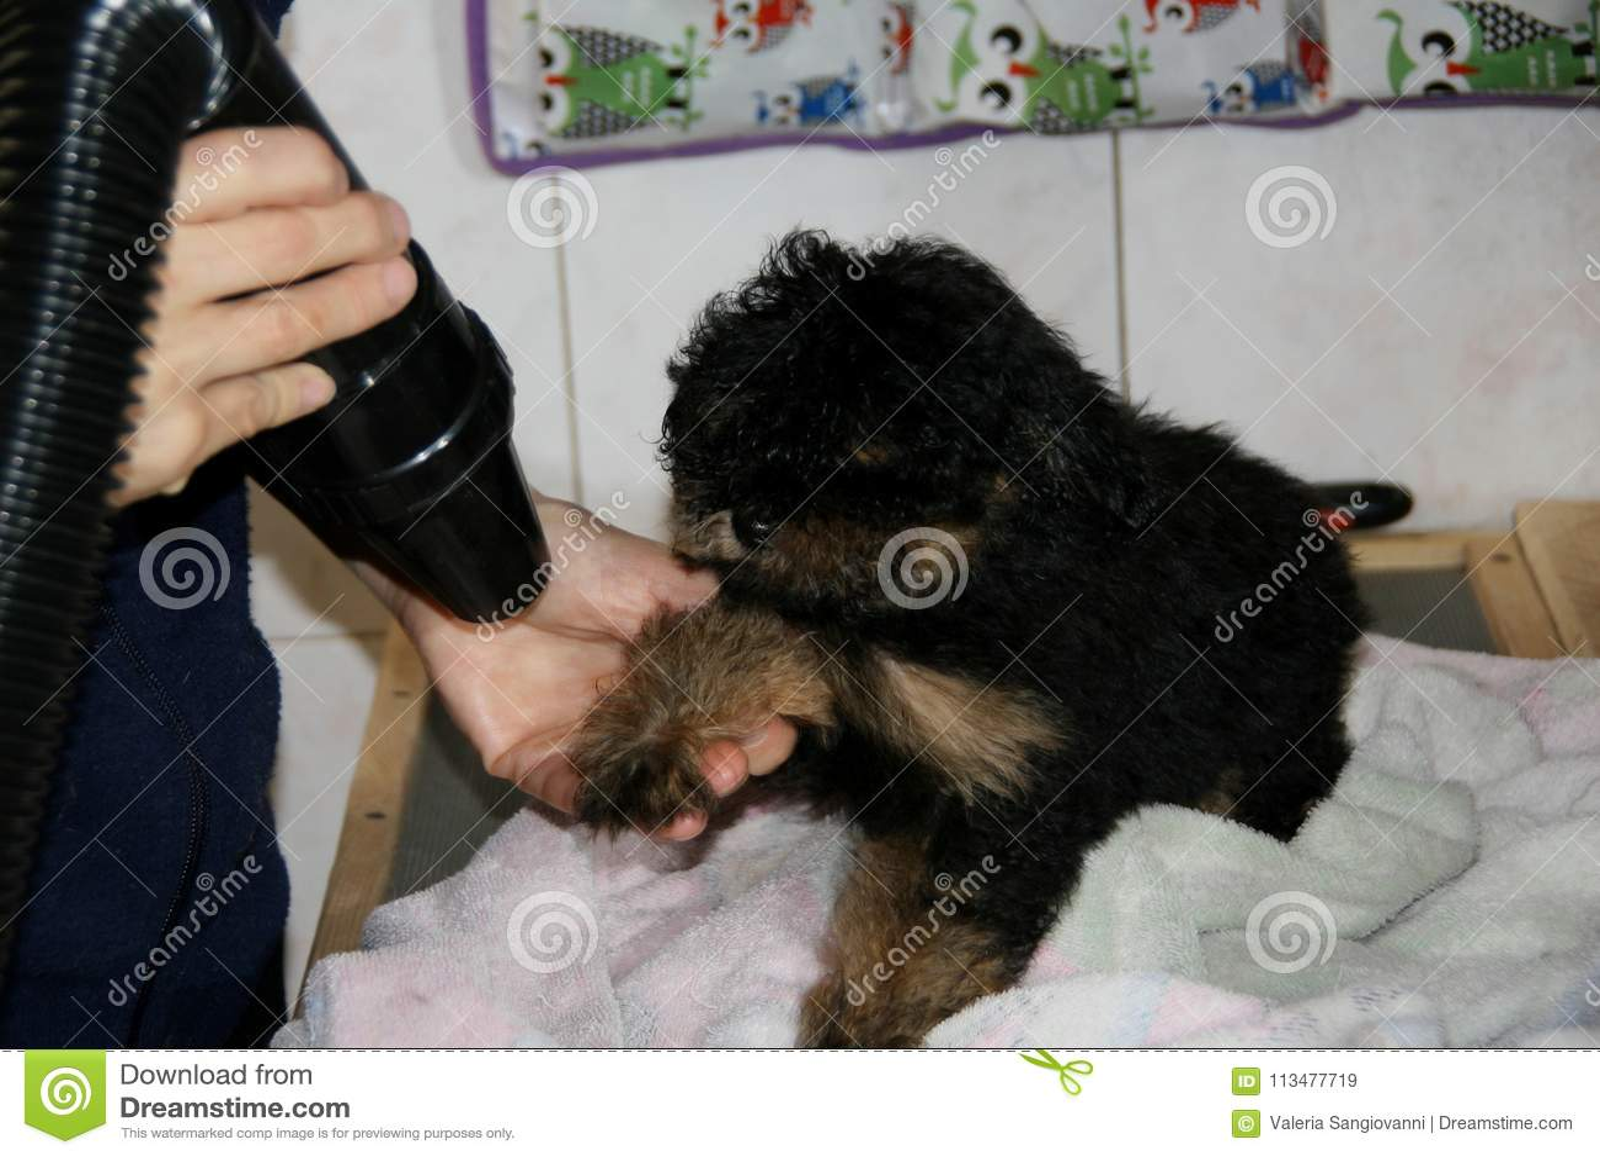 La preparación del perro de perrito